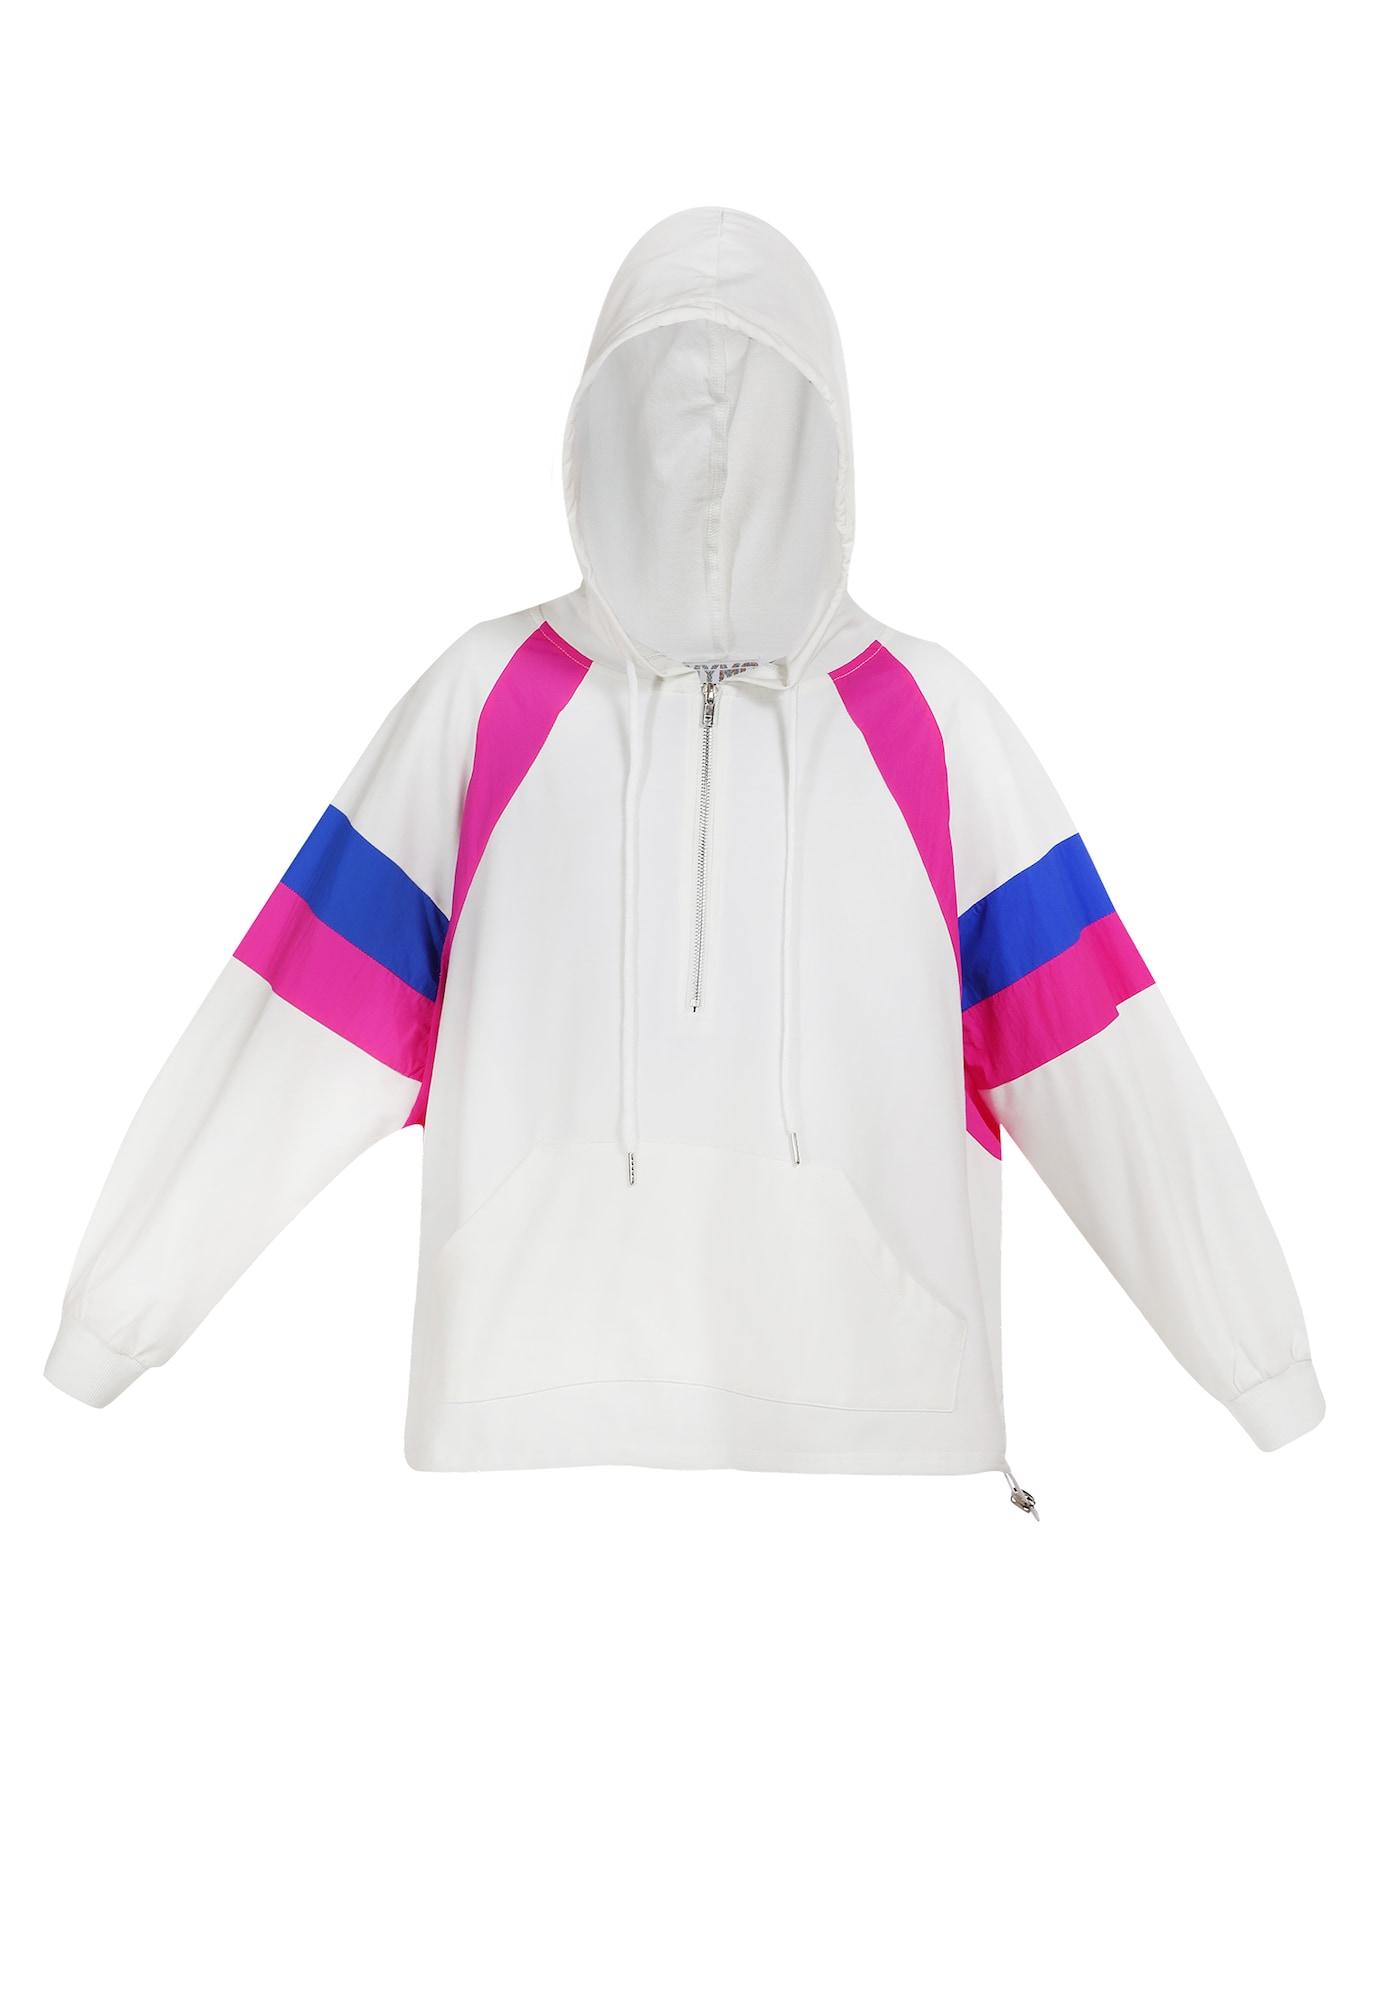 myMo ATHLSR Džemperis treniruotėms mėlyna / rožinė / balta